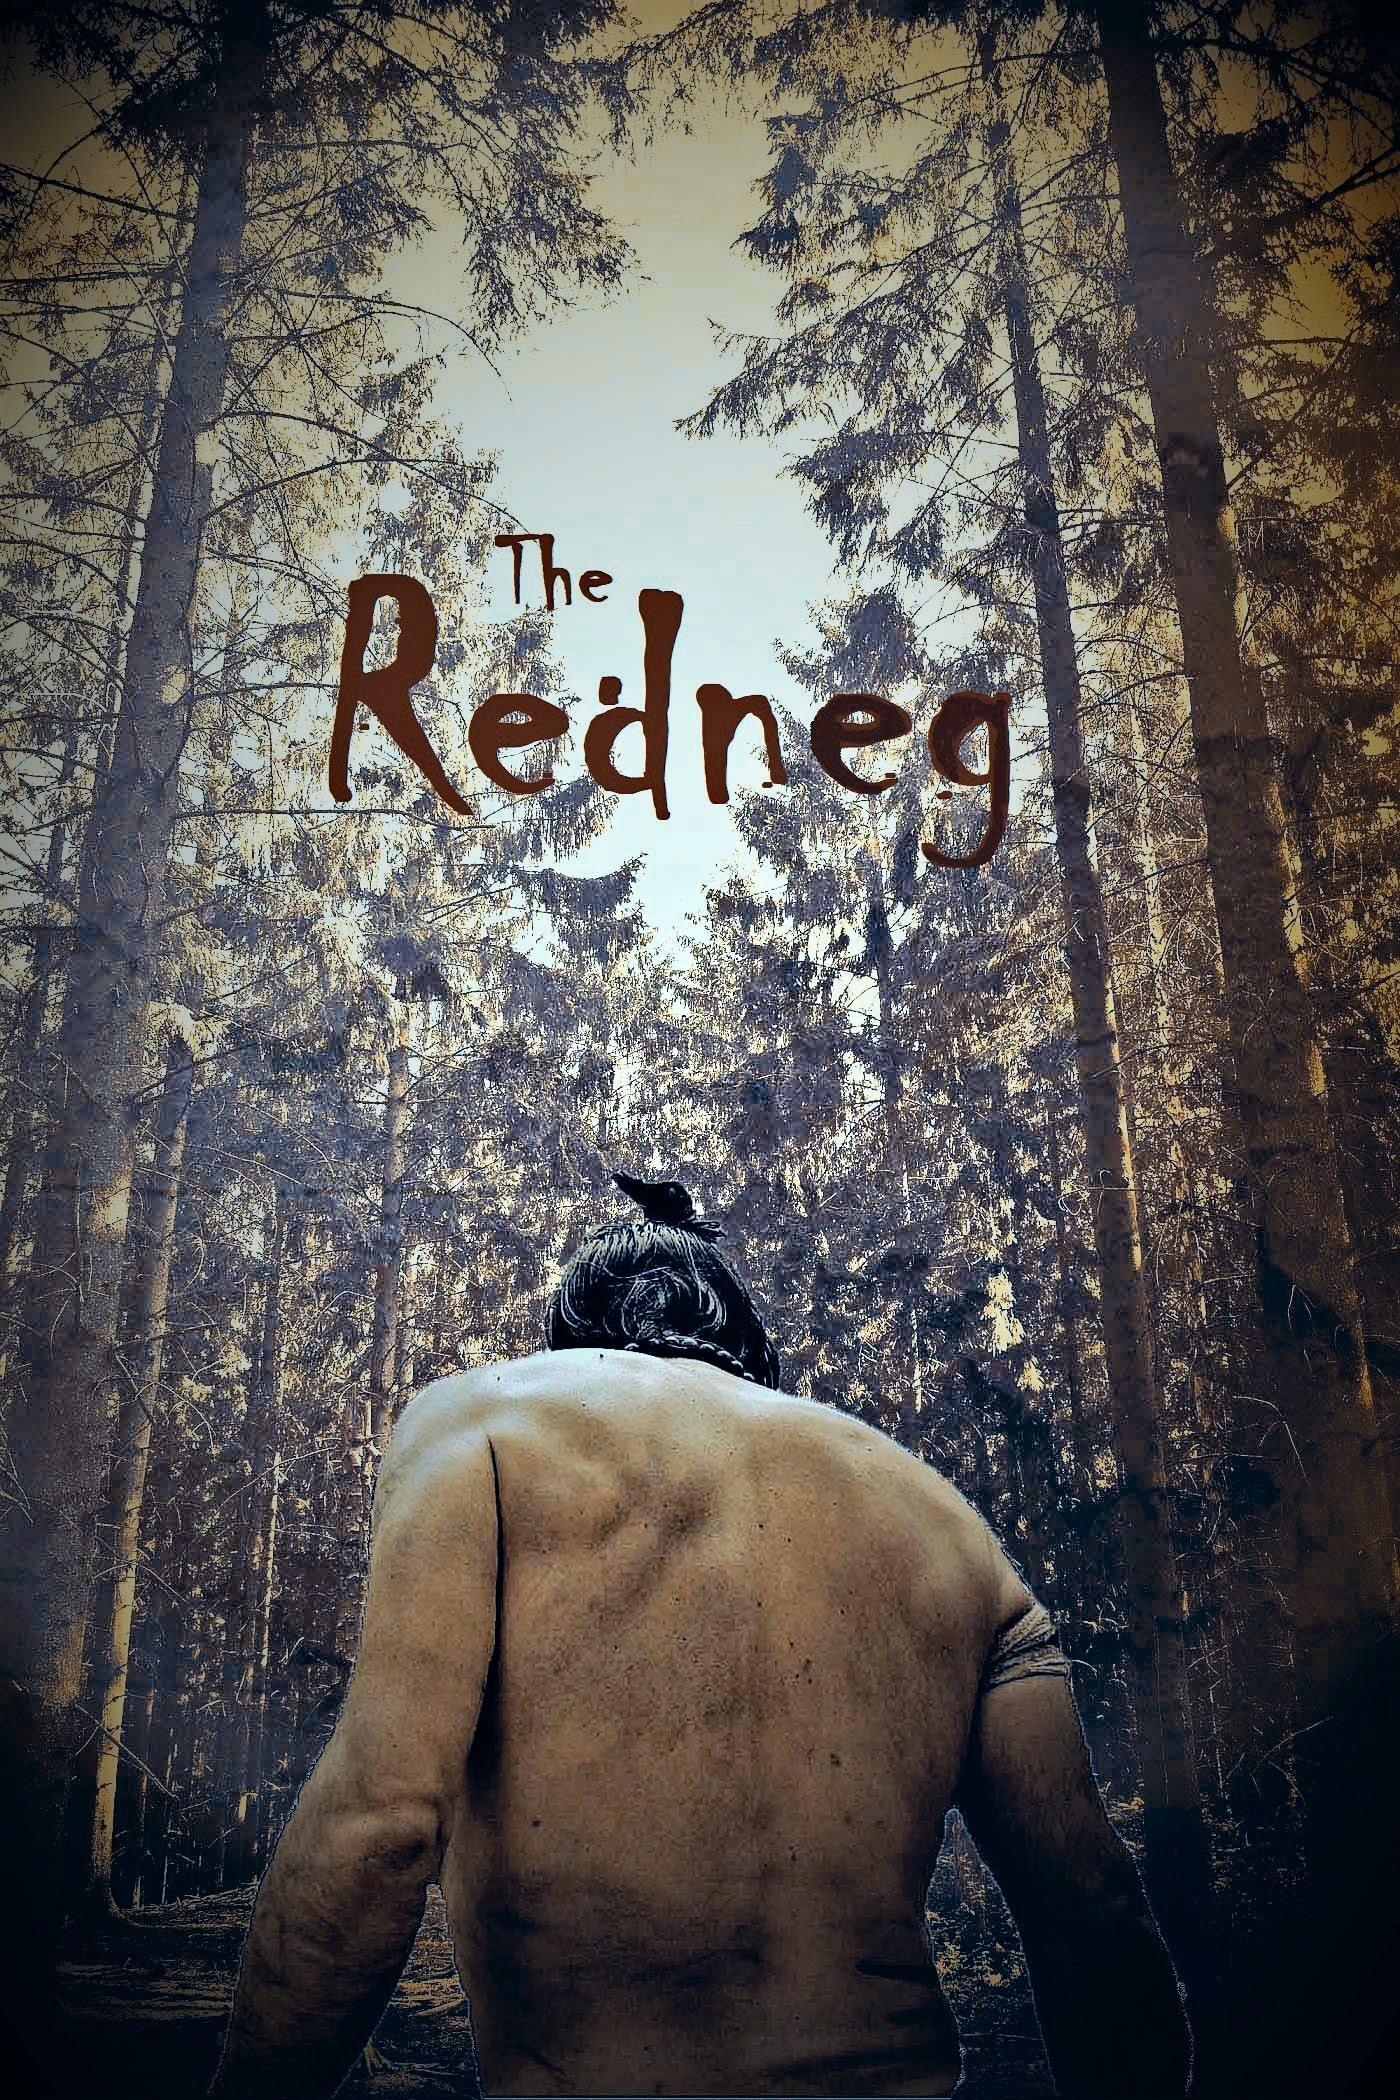 The Redneg poster image